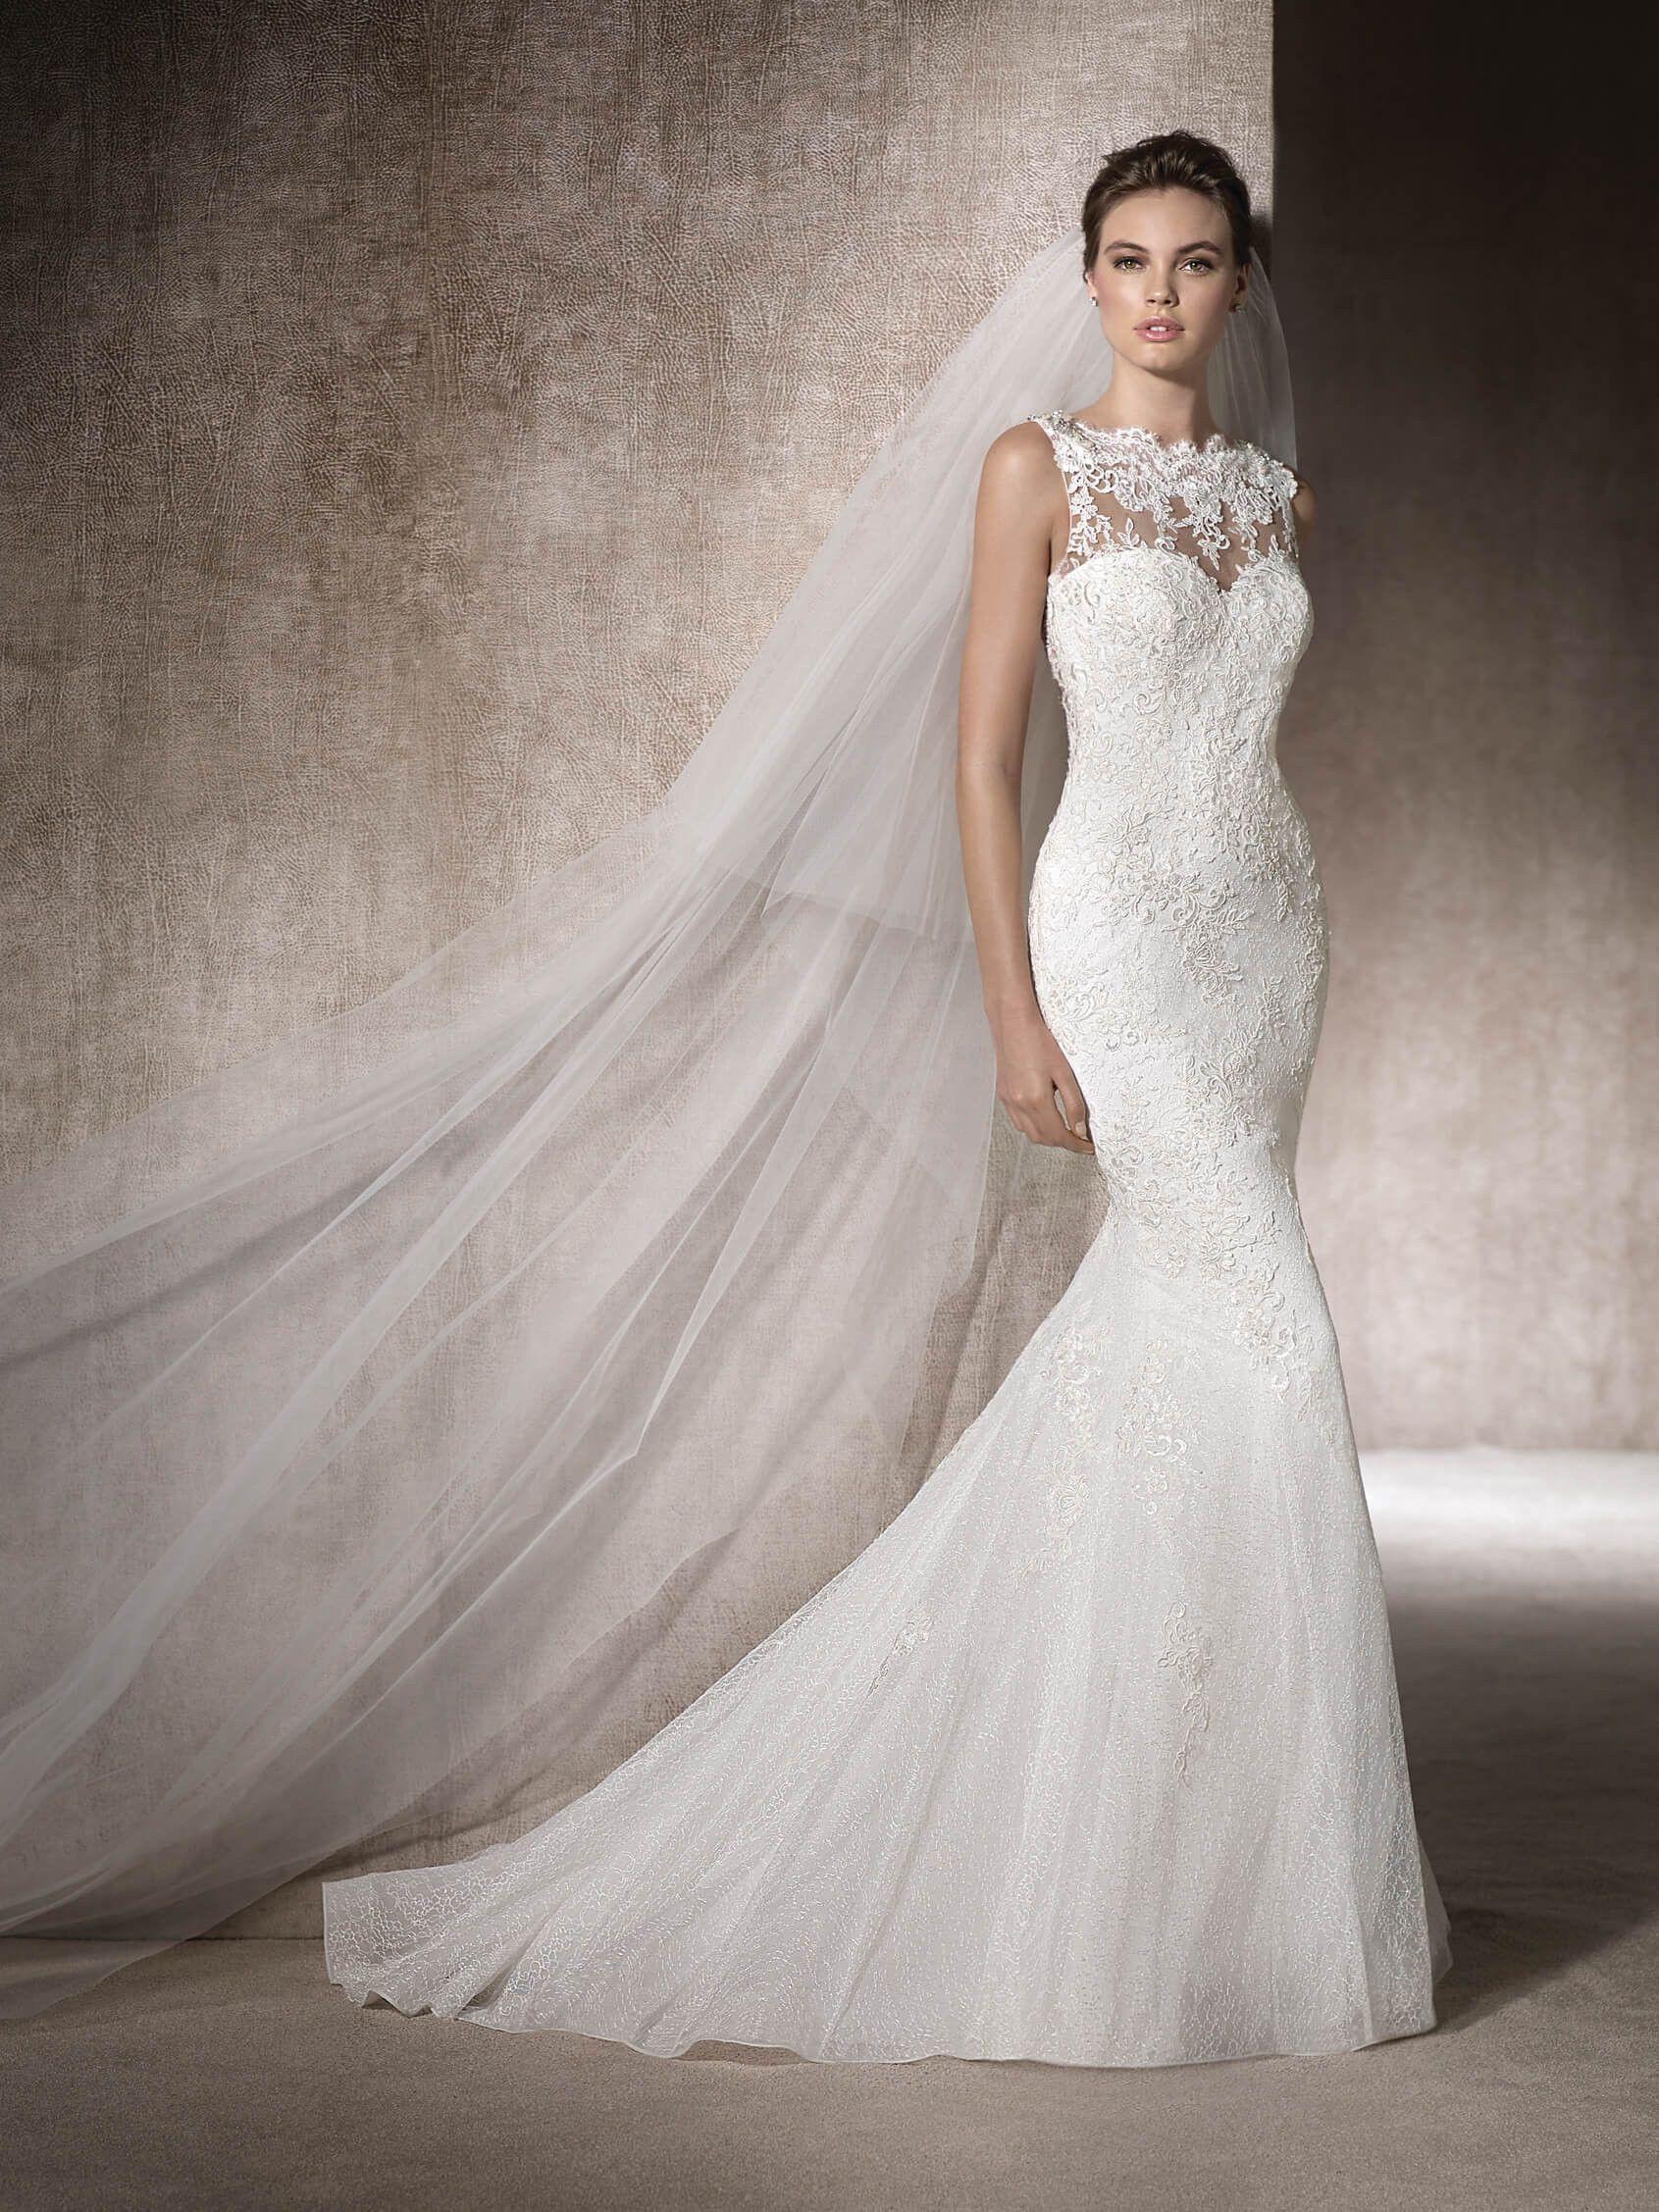 Groß J Crew Sophia Brautkleid Bilder - Hochzeit Kleid Stile Ideen ...